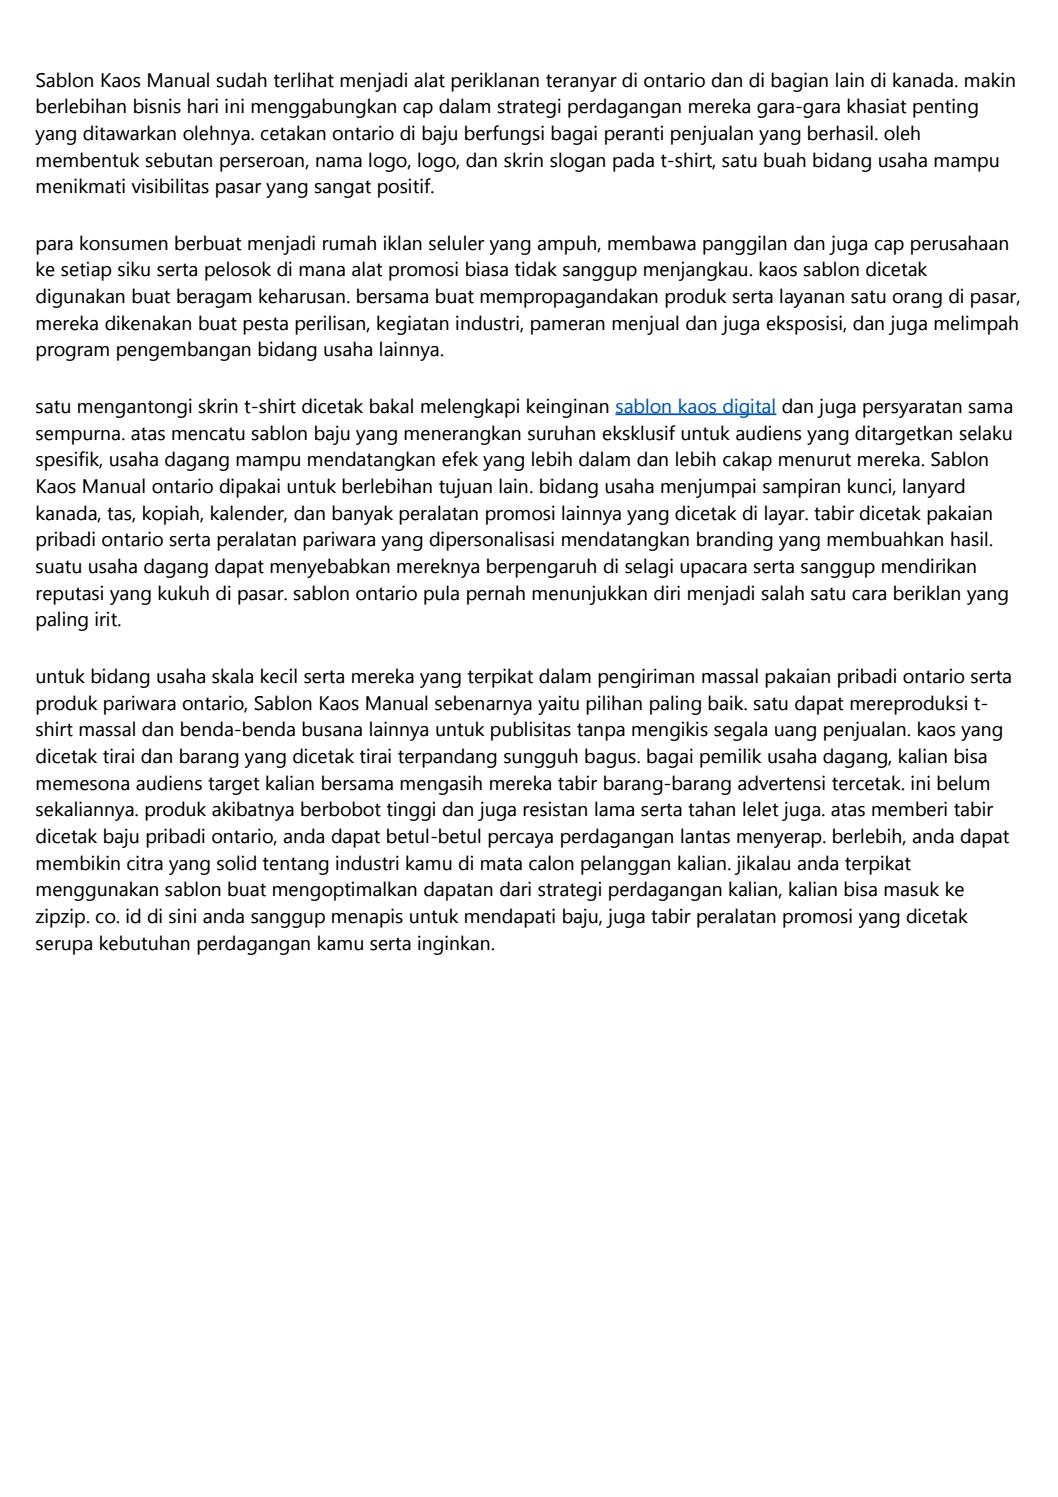 Indonesia Matangkan Strategi Perdagangan Hadapi Tantangan Ekonomi Global - Nasional dpifoto.id